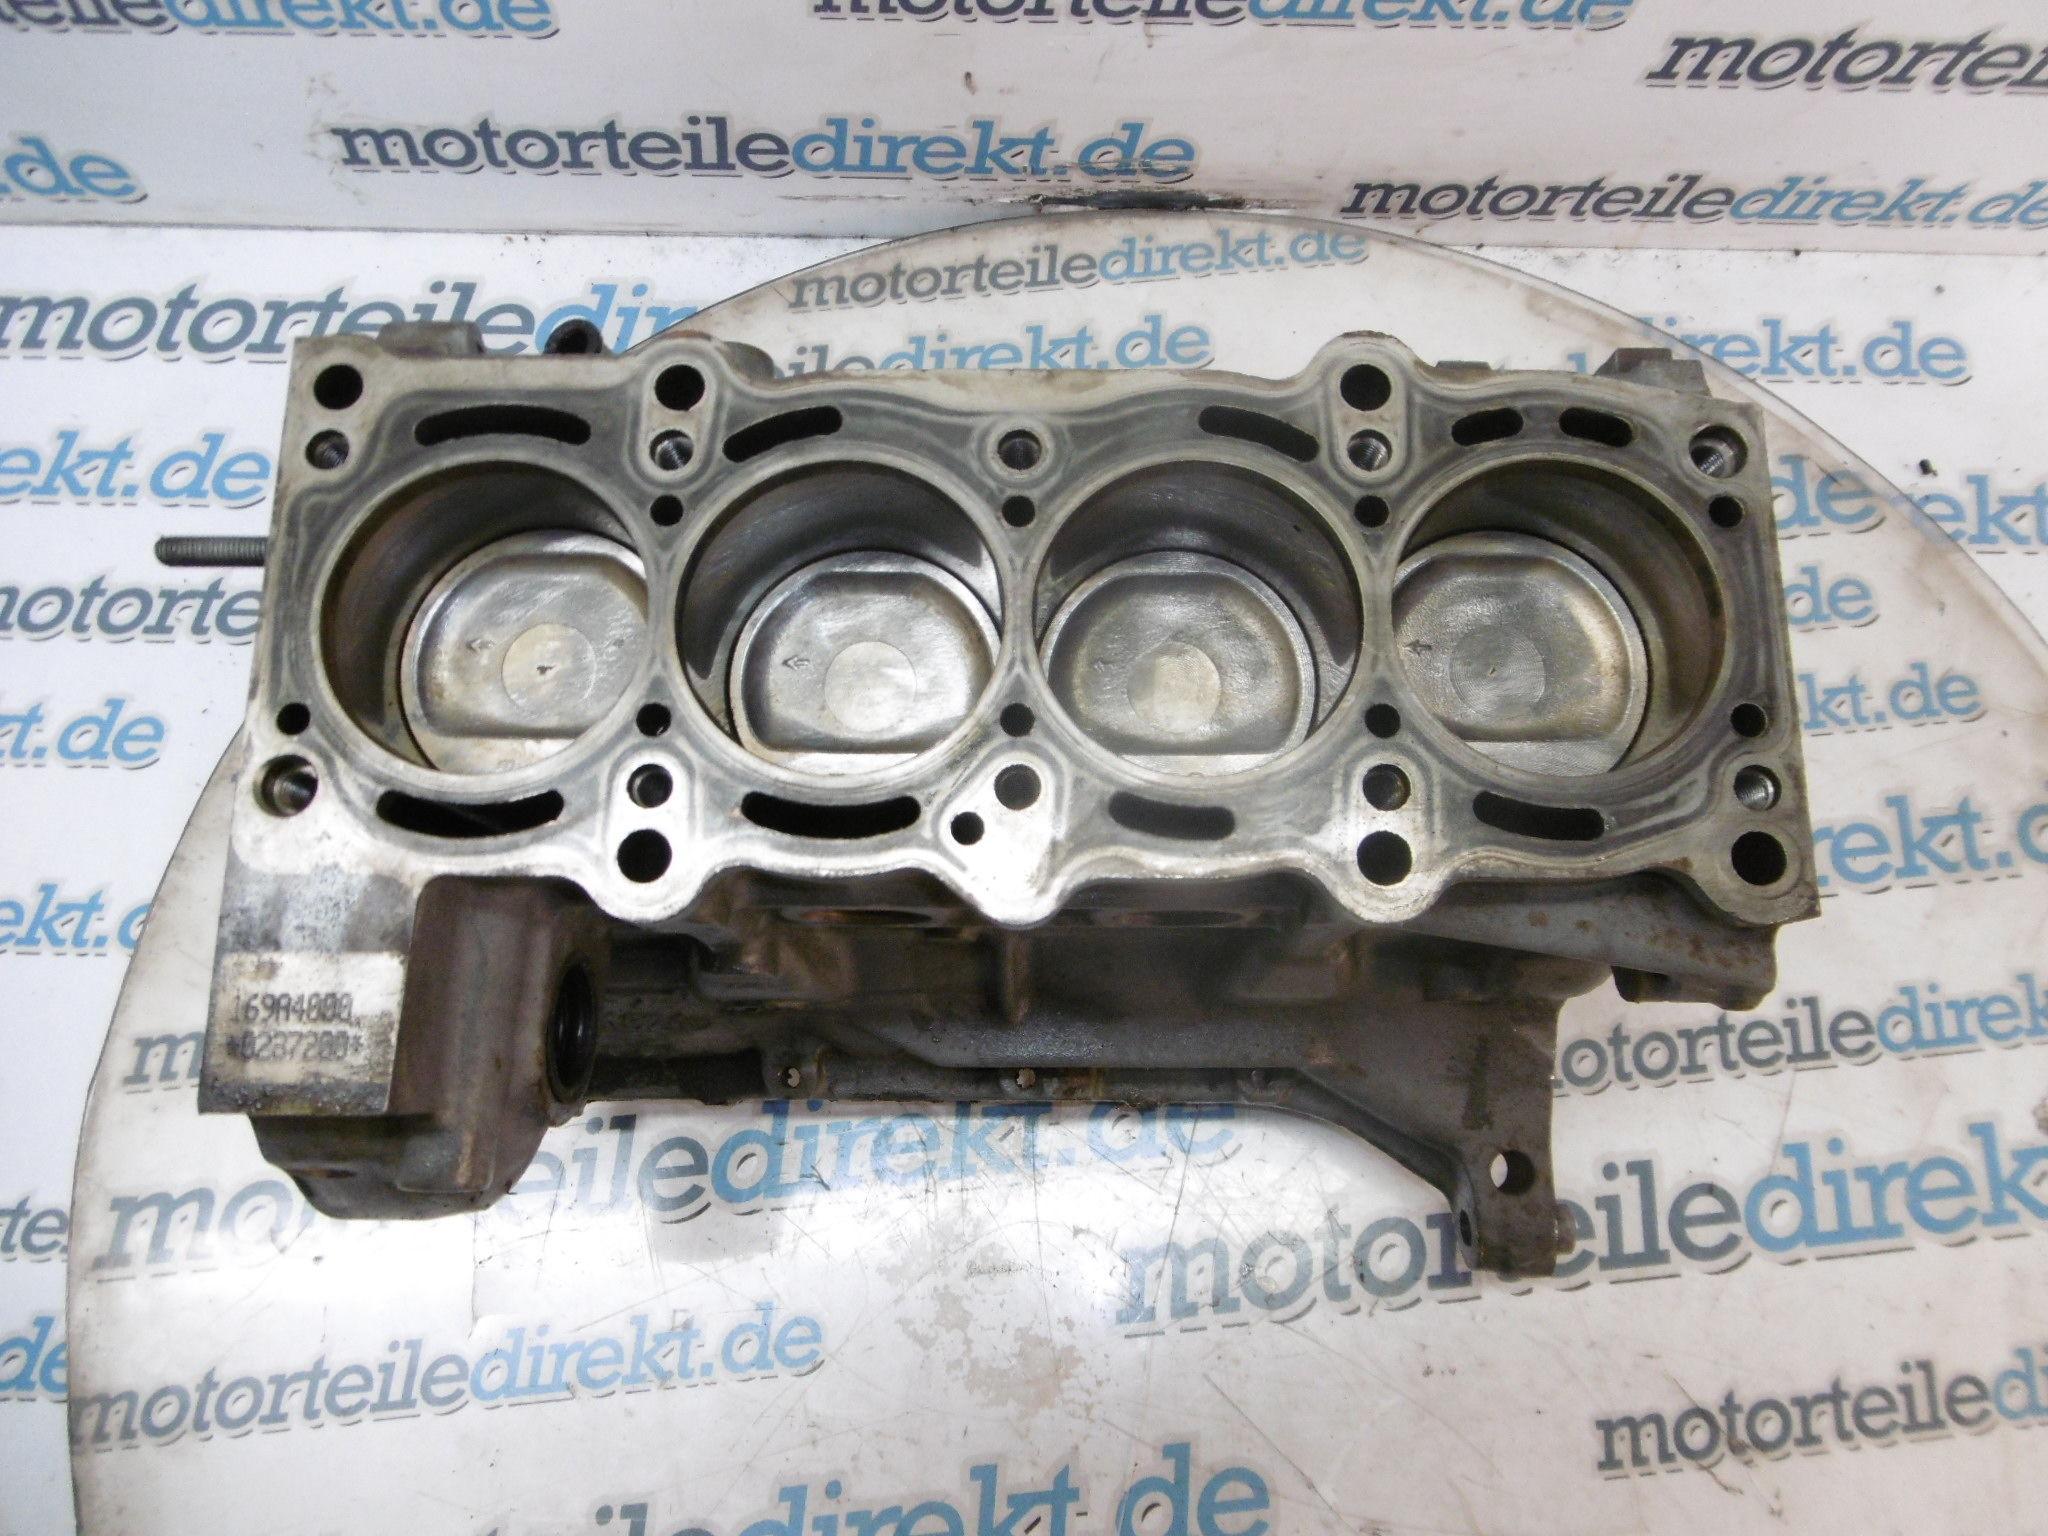 Bloc-moteur Vilebrequin Piston Bielle Punto Fiat Lancia Ypsilon 1,2 169A4000